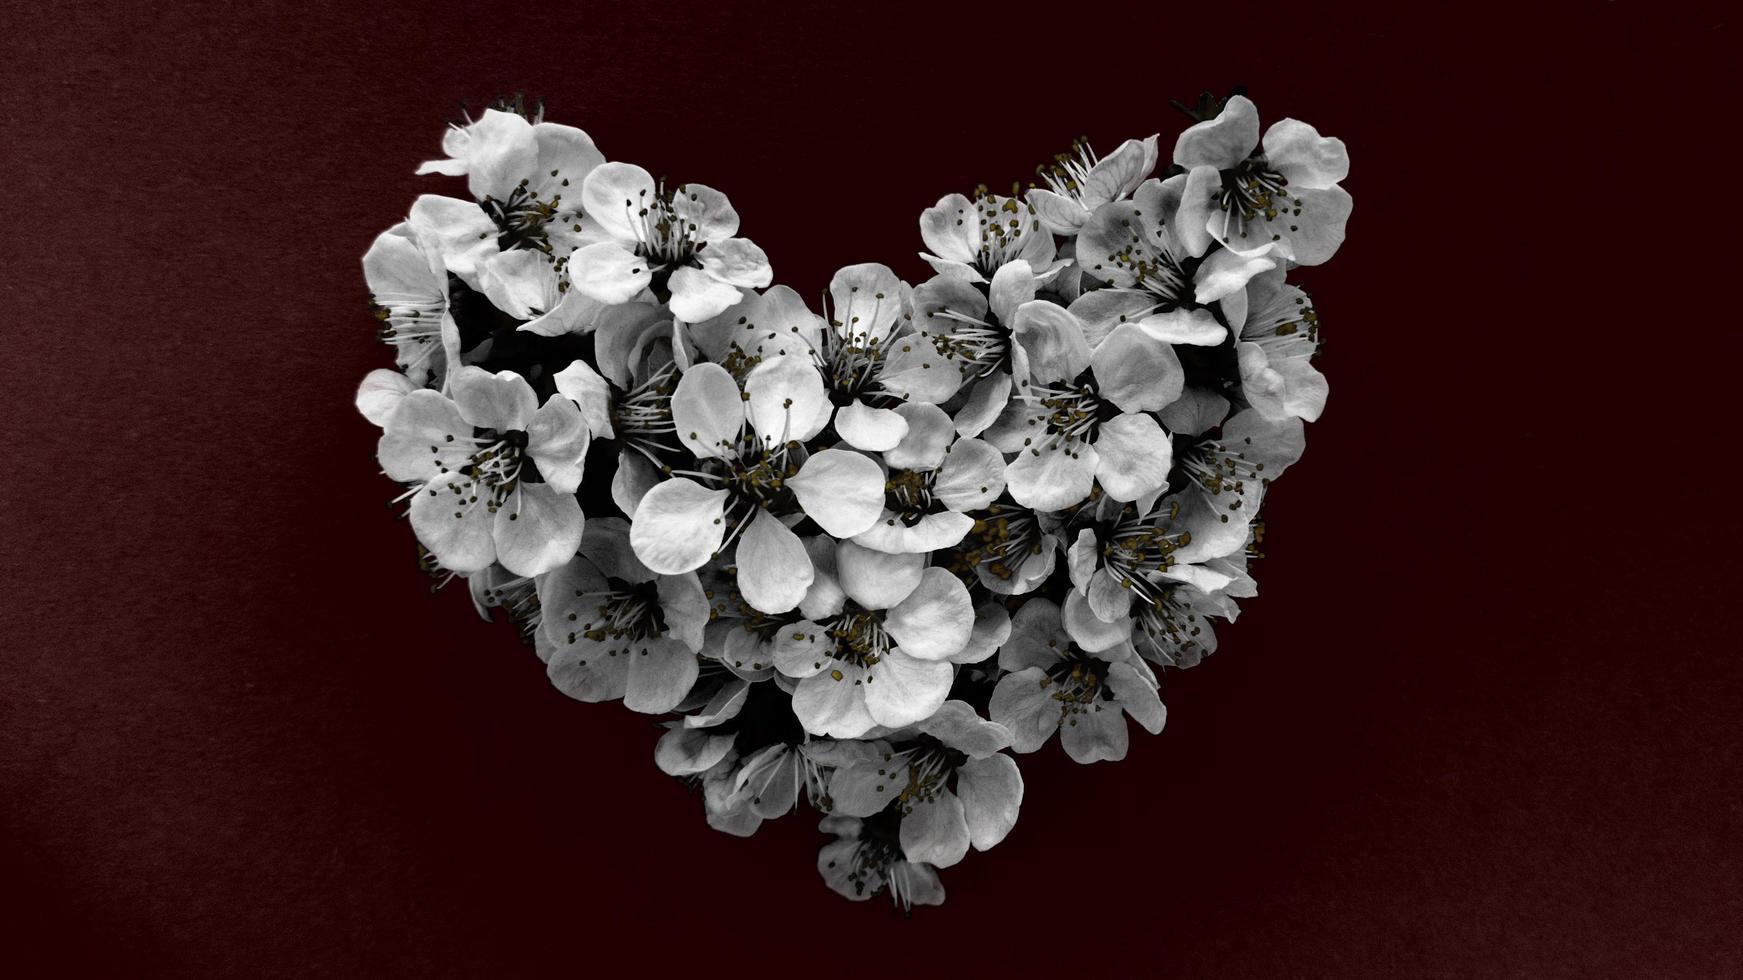 cuore di fiori di susino in colori monocromatici su sfondo rosso scuro. può essere utilizzato come banner, cartolina, stampa di immagini, design di inviti. foto d'archivio.